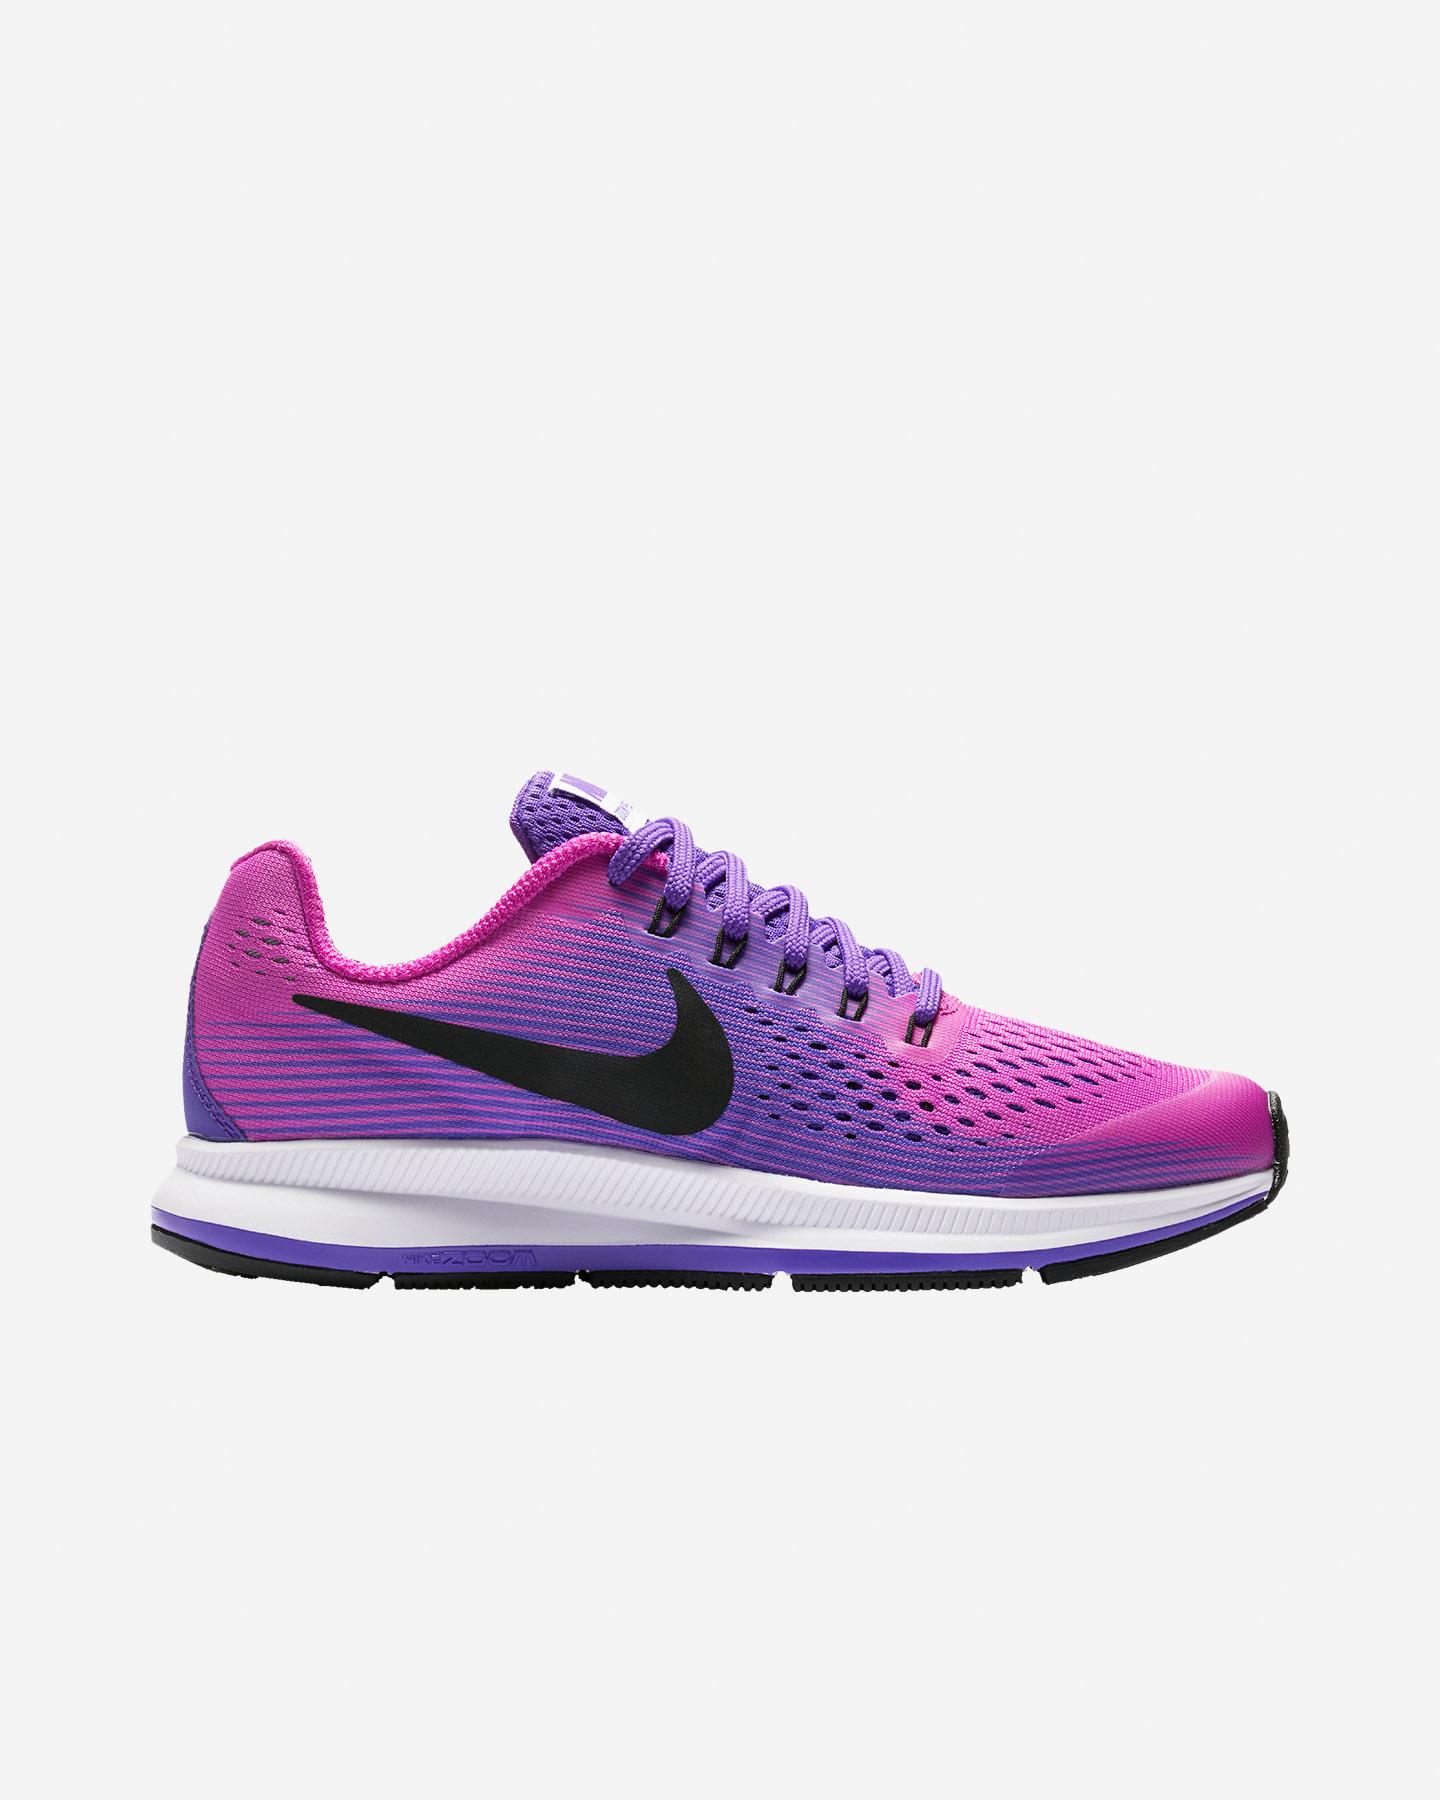 Nike Off38 Cisalfa Sconti Acquista Scarpe Eq6vv7